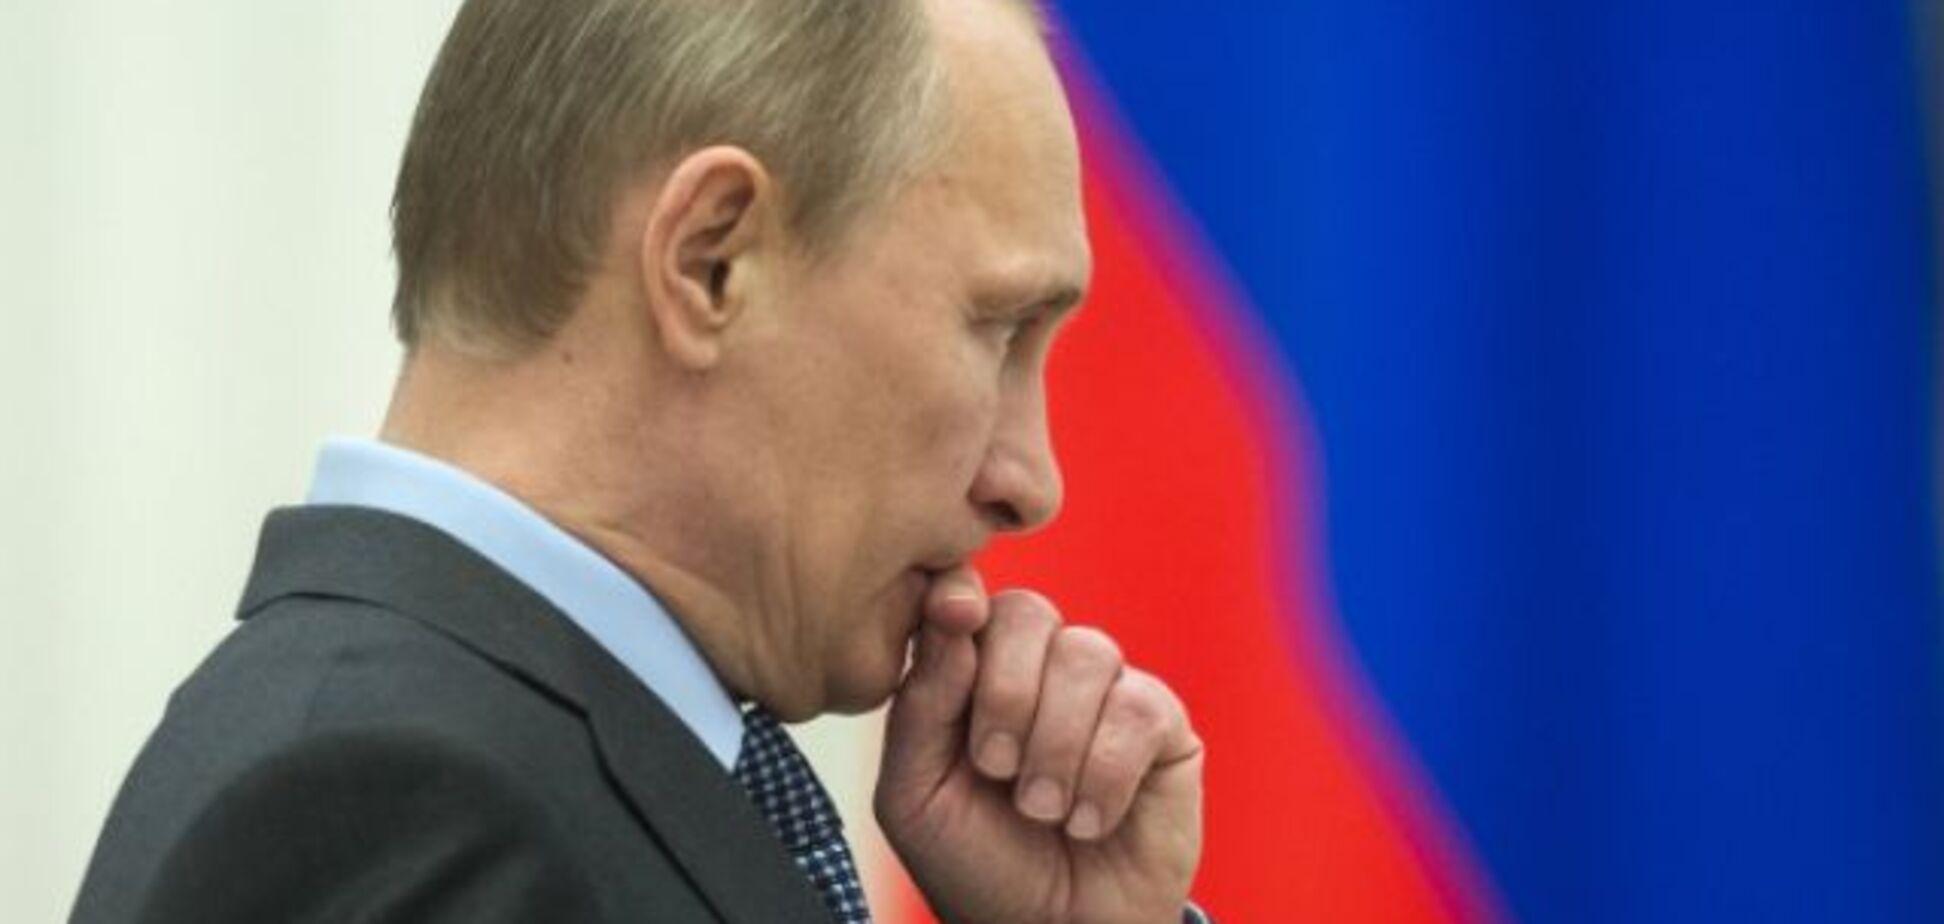 Переворот в 'ЛНР': журналист объяснил, почему план Путина с 'республиками' провалился